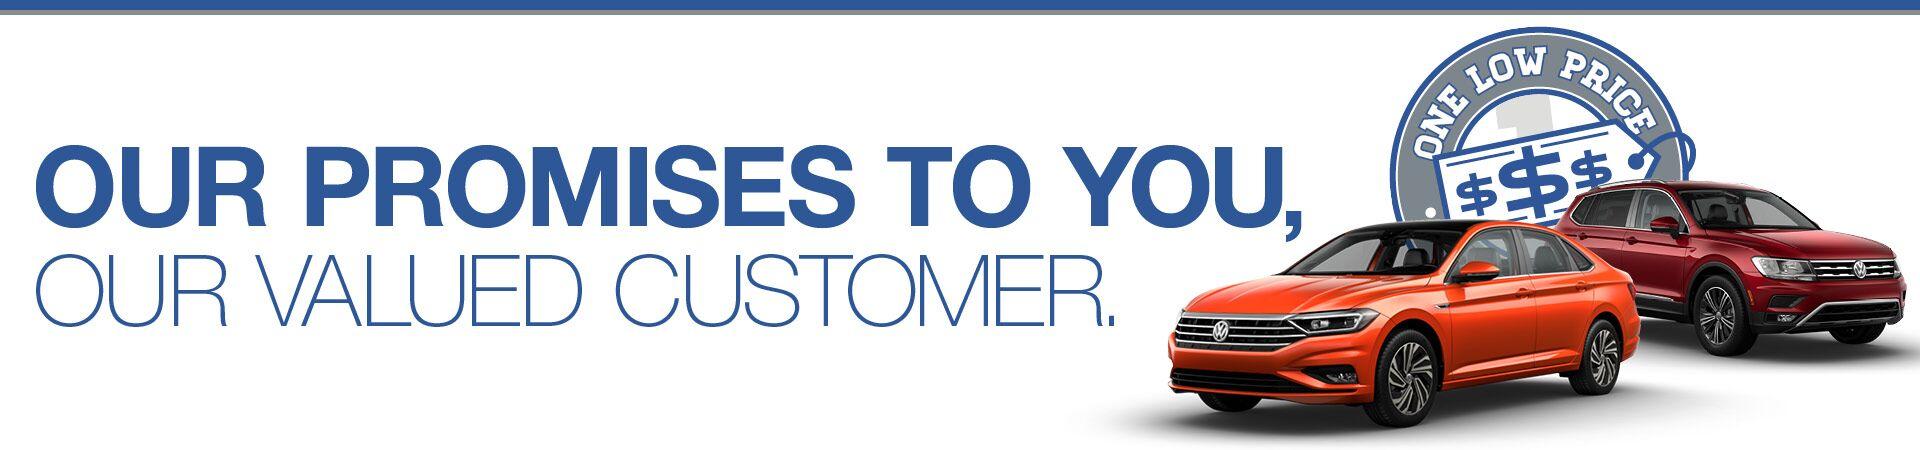 Volkswagen of Inver Grove Brand Promises